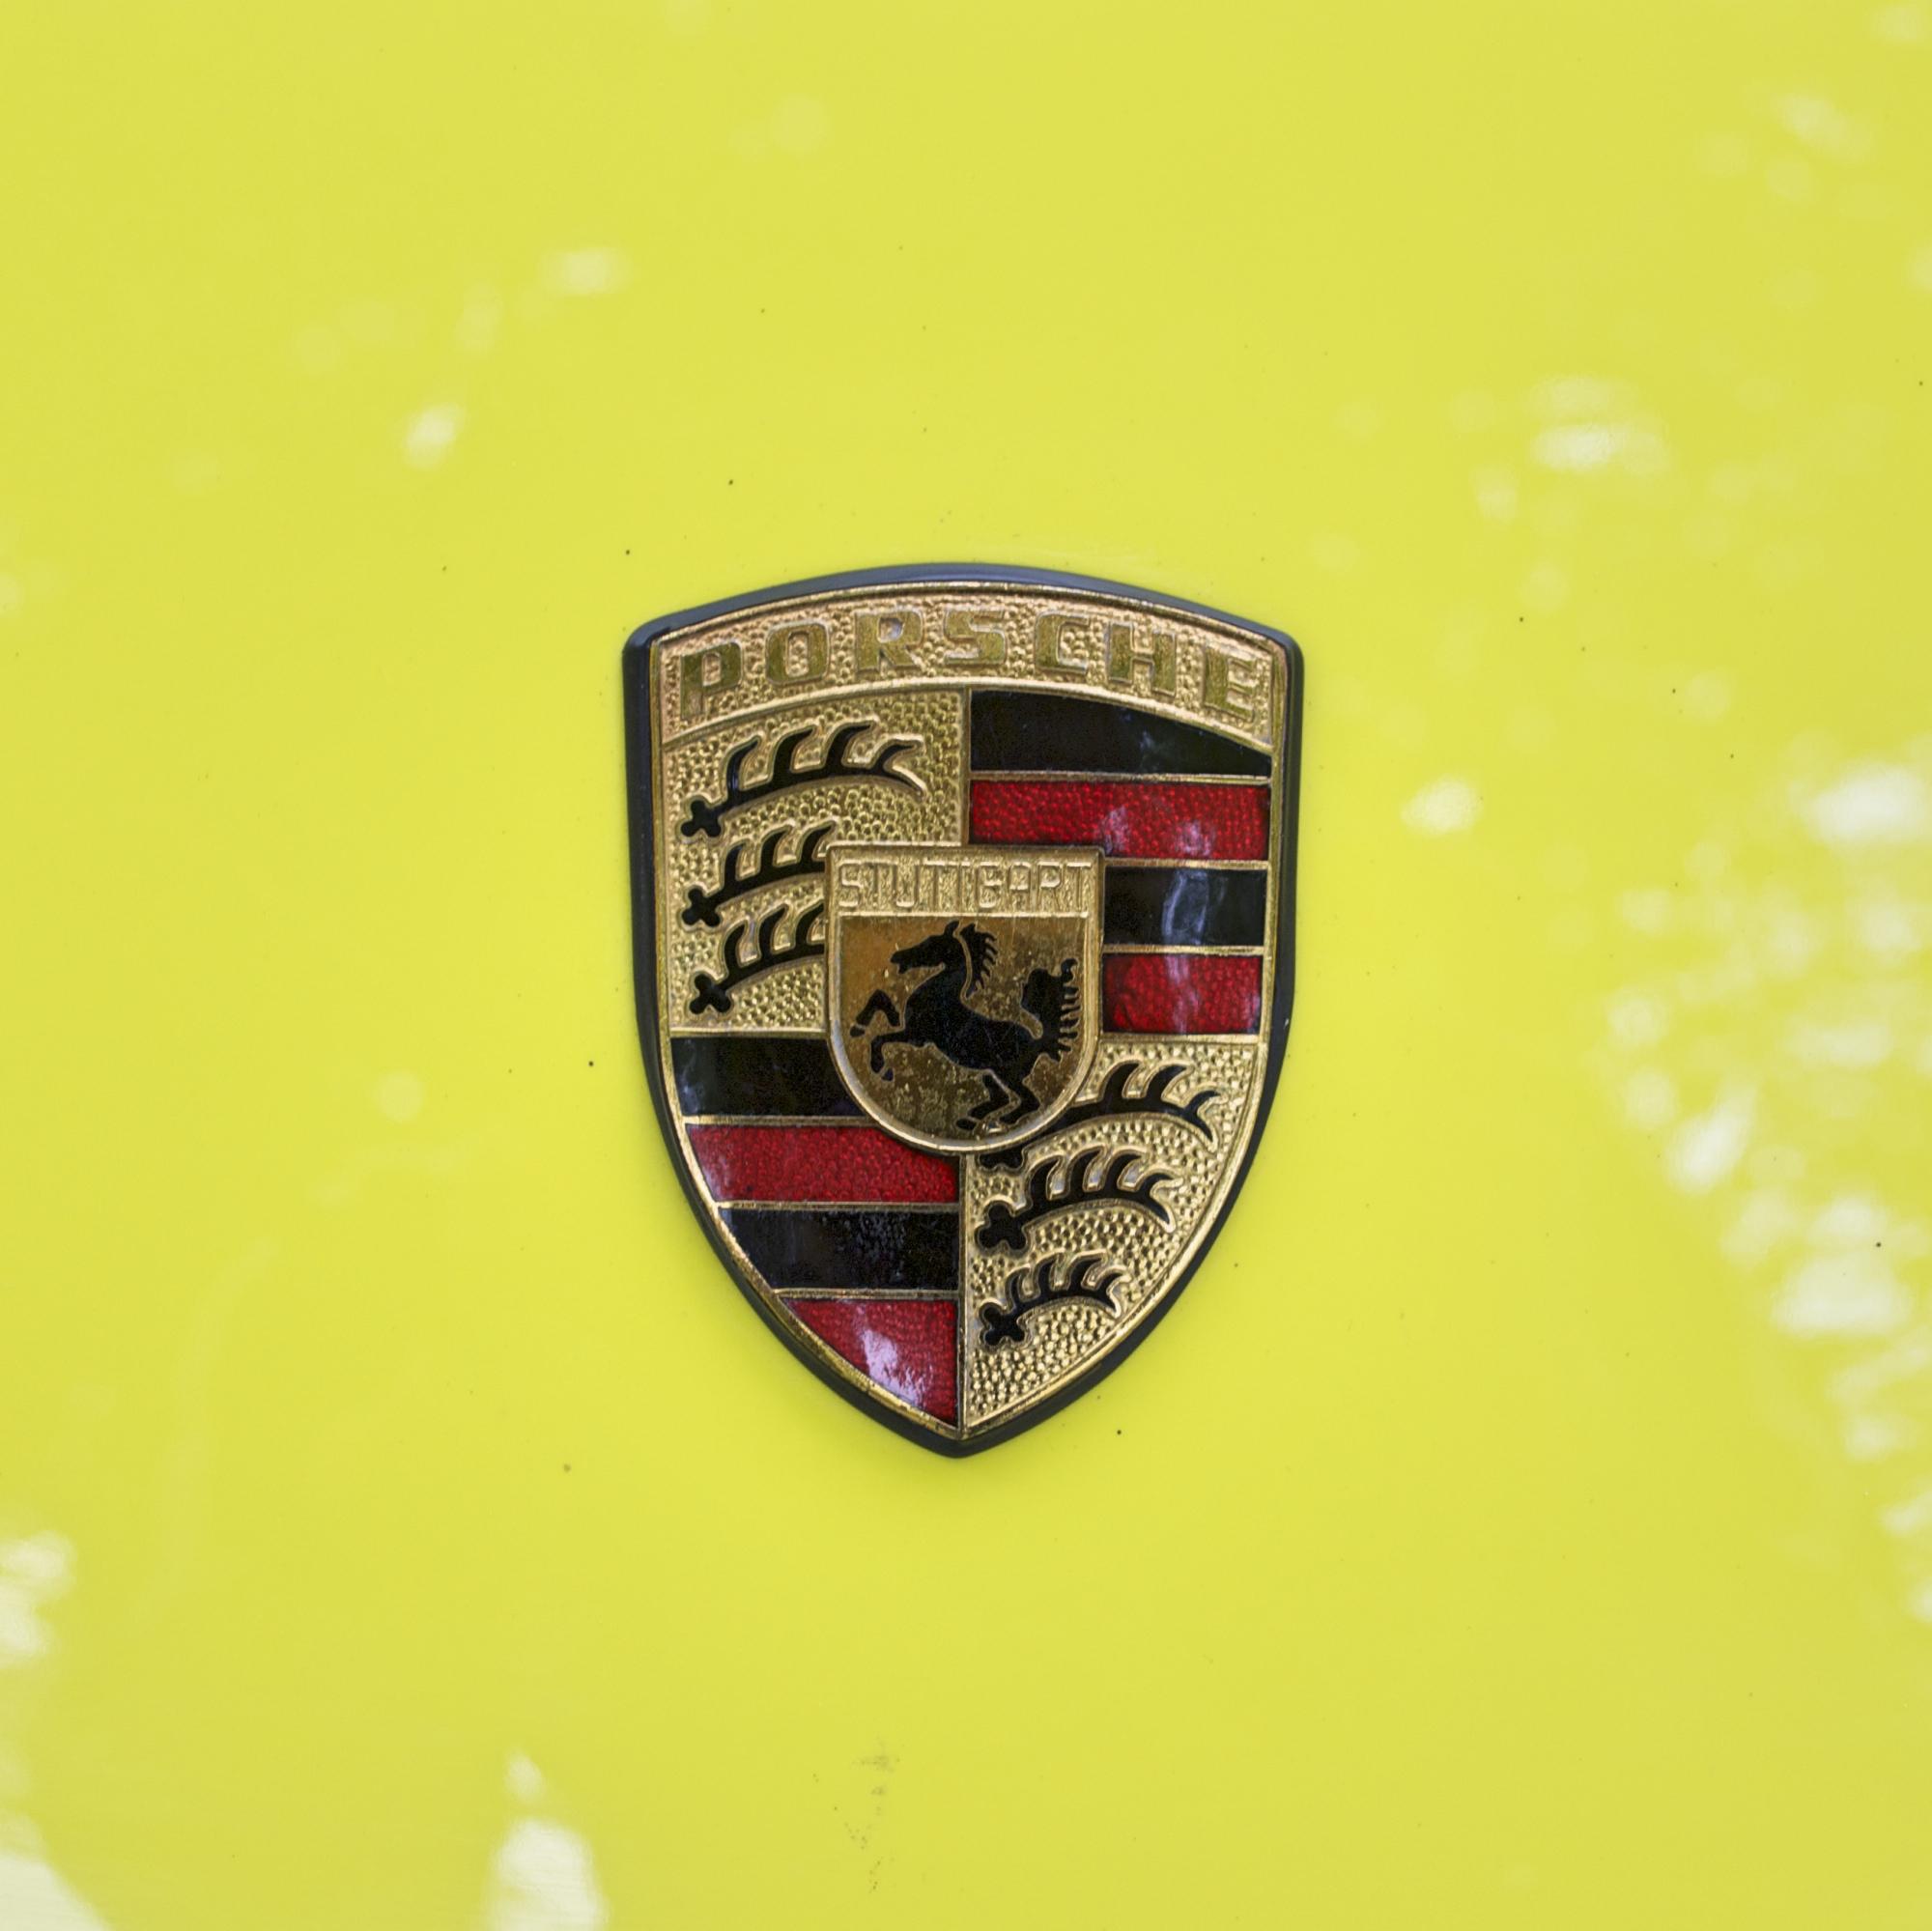 Porsche 911 Frontklappe